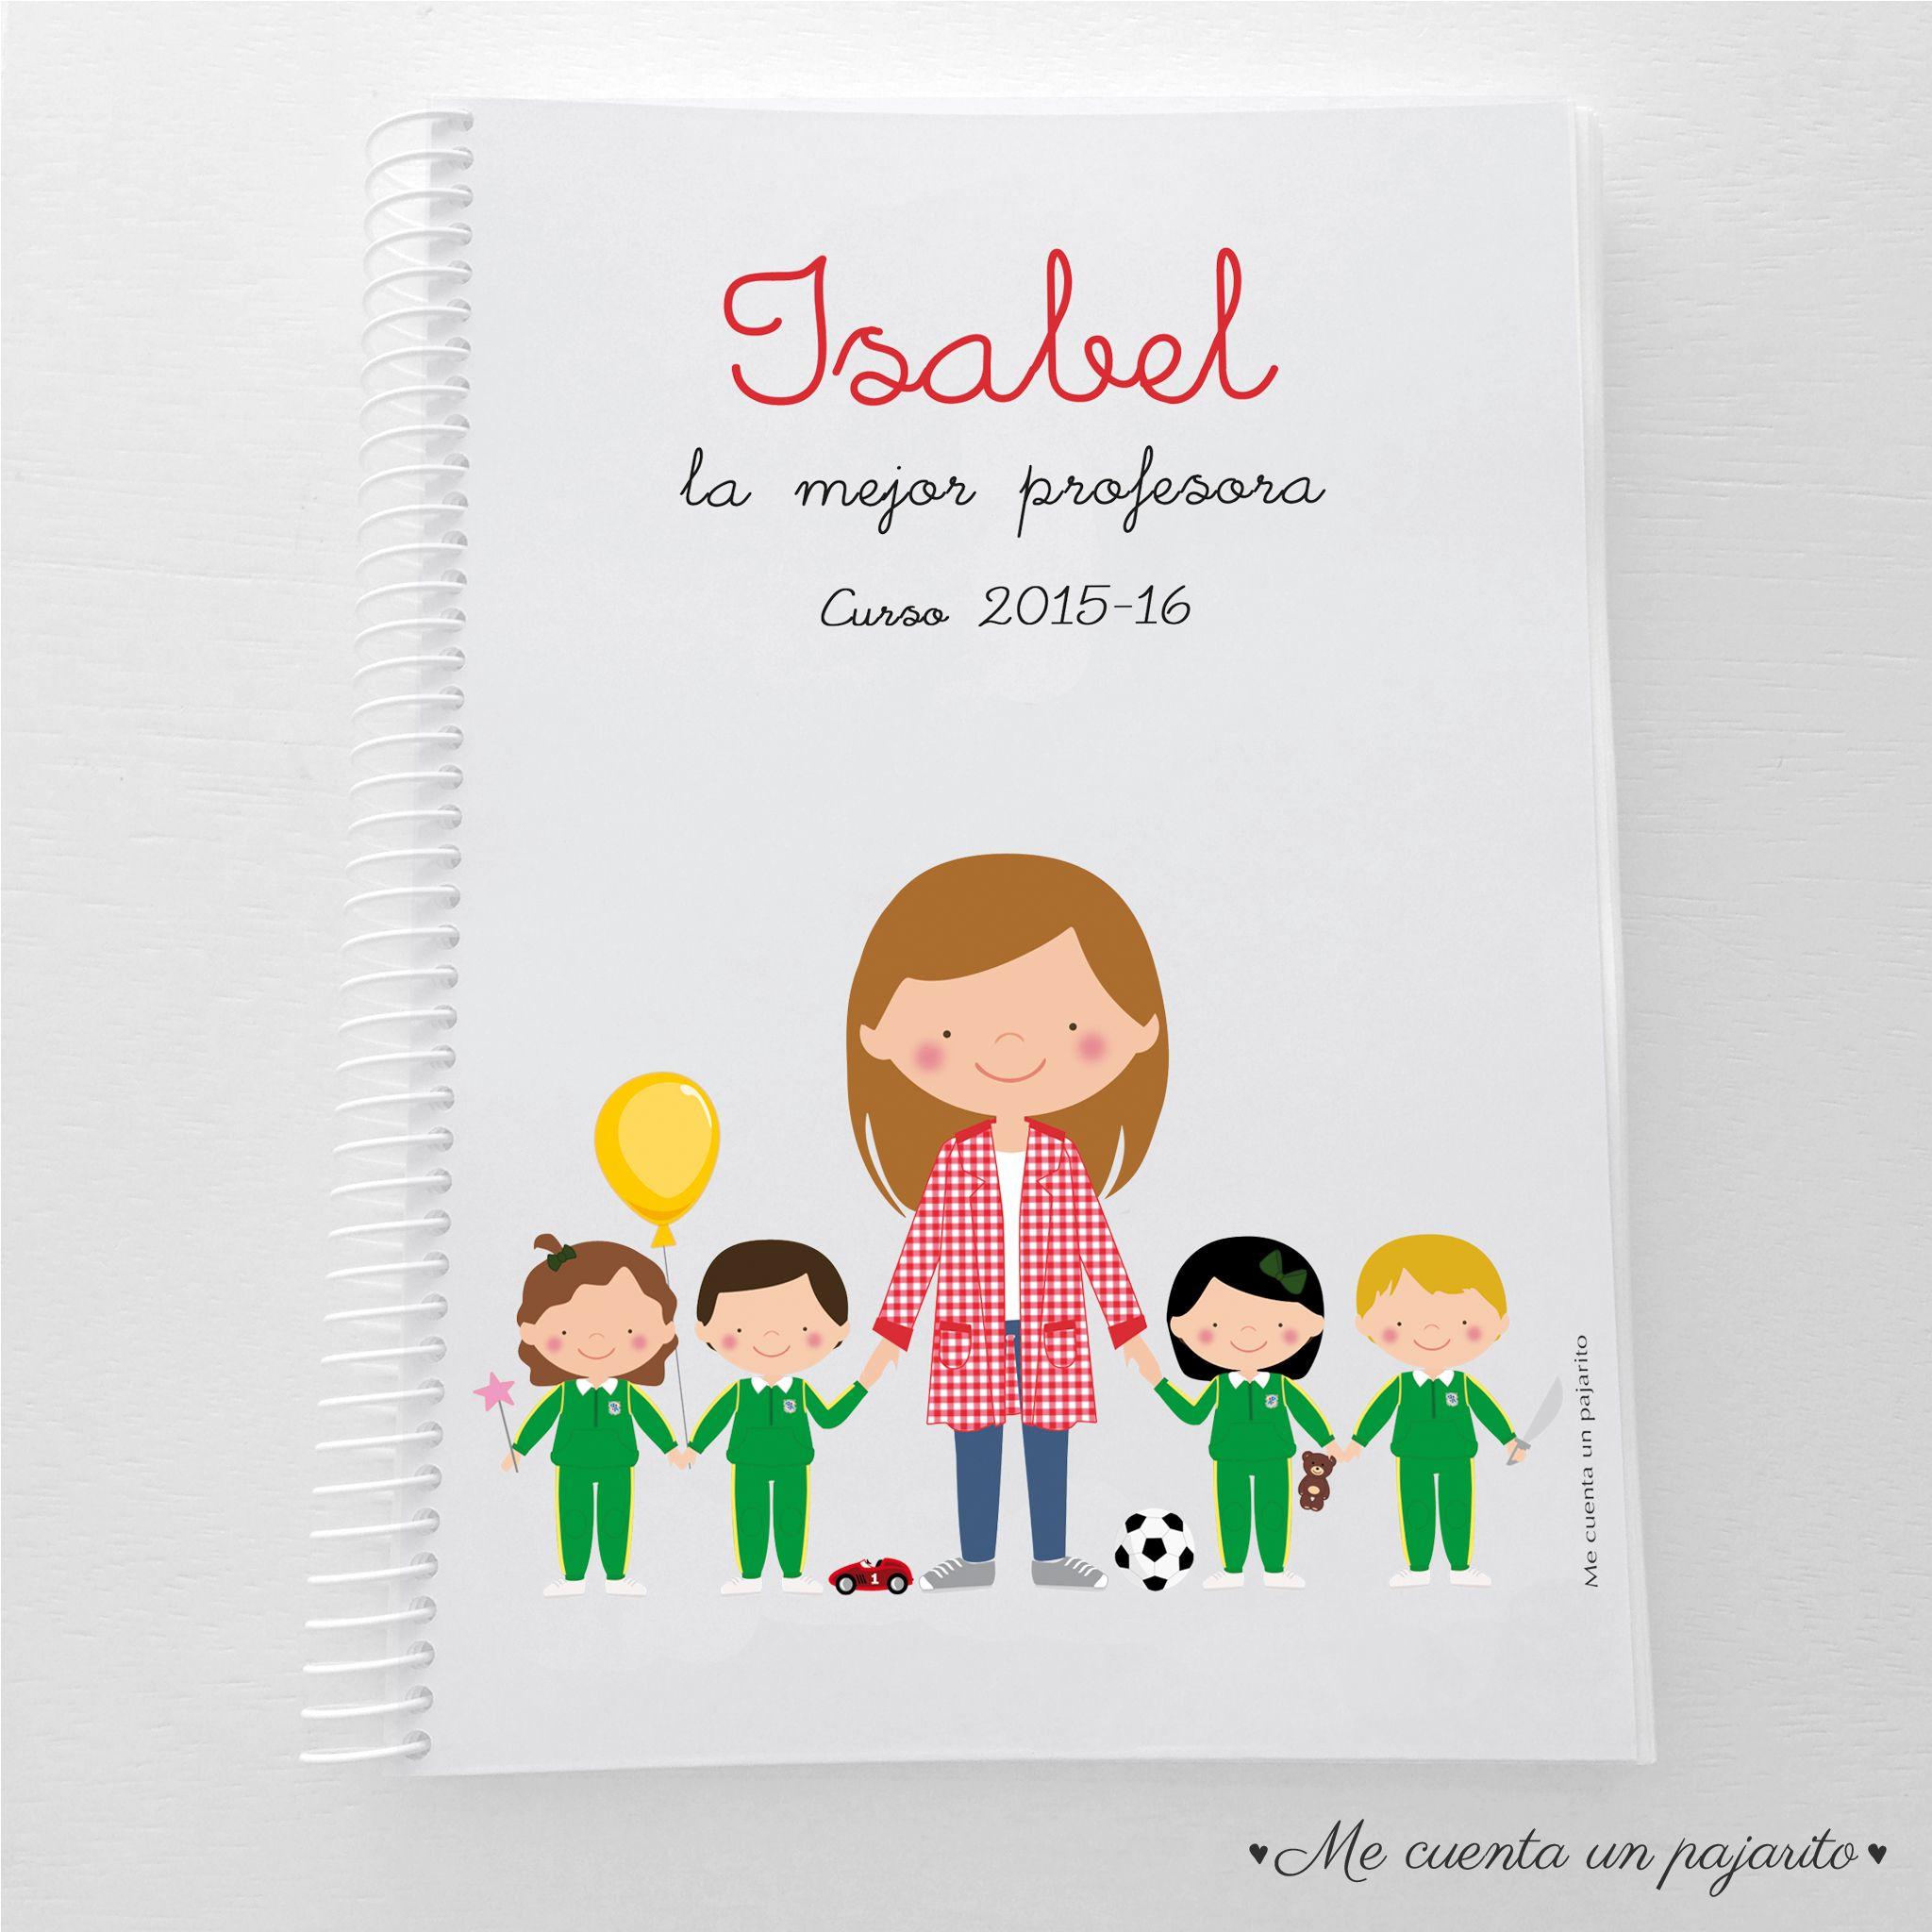 Cuaderno Personalizado Para Regalar A La Profesora O El Profesor Cuadernopersonalizado Regalos Para Profesores Tarjetas Para El Maestro Dibujos De Profesores